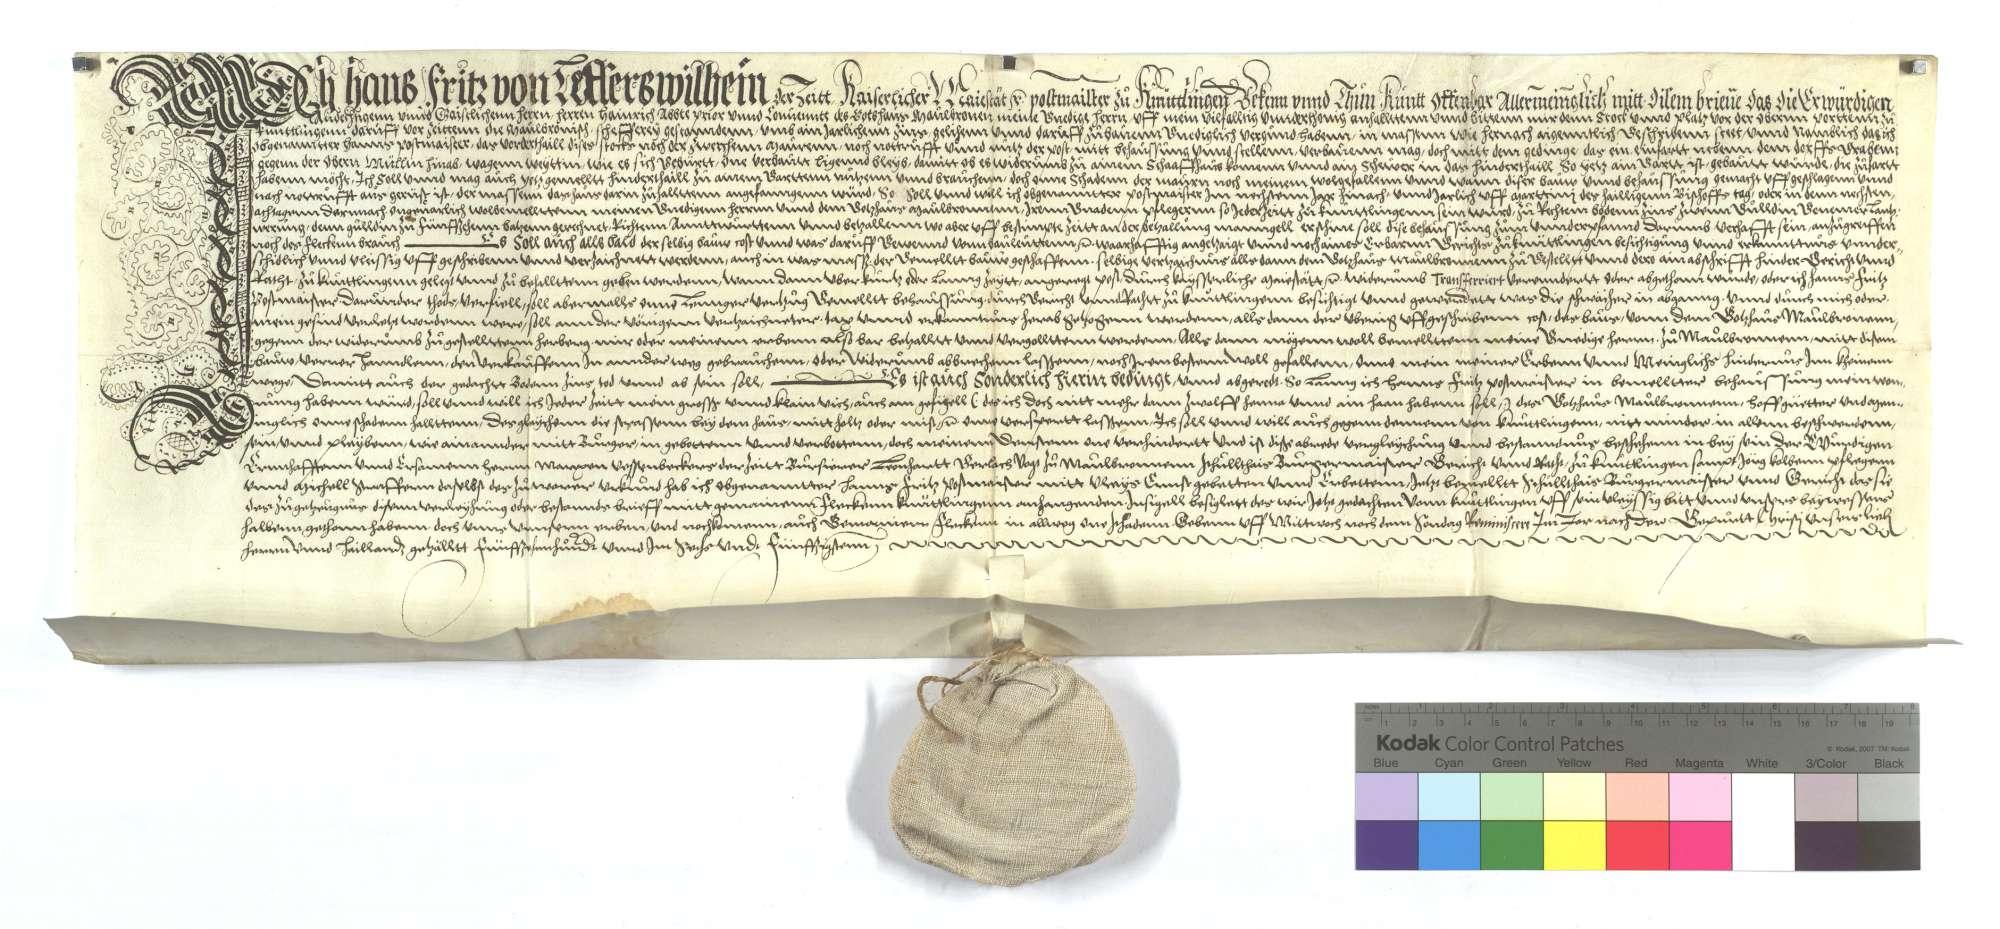 Verschreibung des Postmeisters von Knittlingen gegen das Kloster Maulbronn, als ihm vergönnt wurde, das neue Posthaus zu bauen., Text